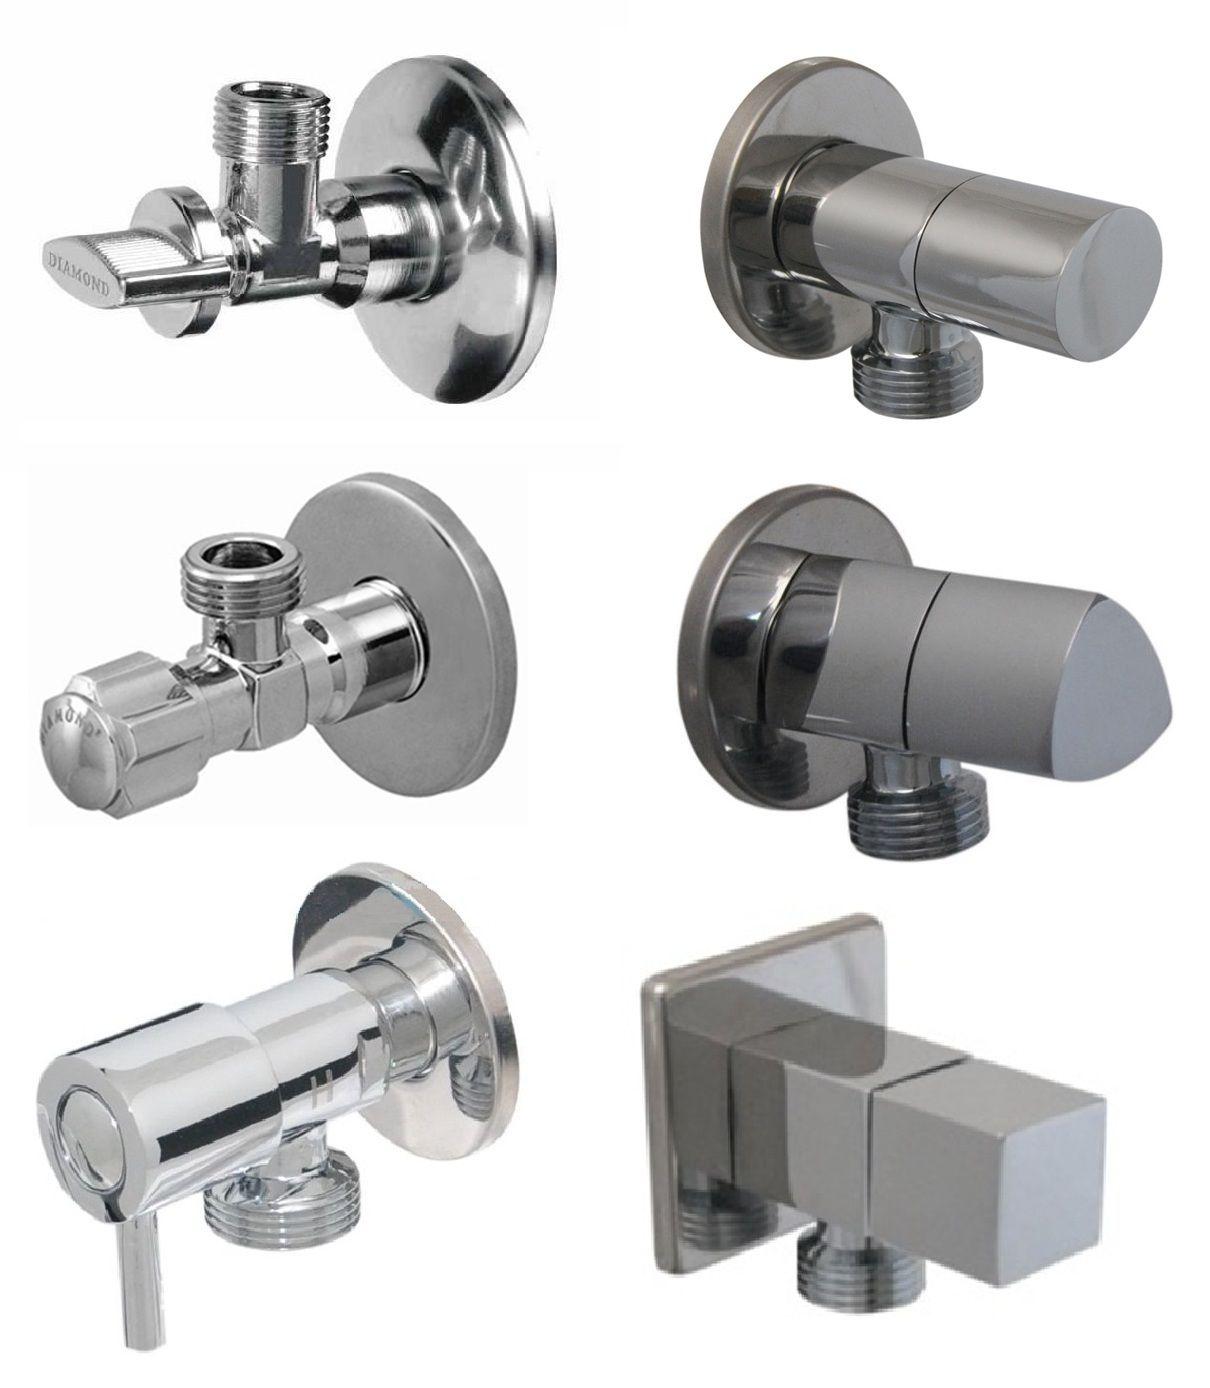 Dusche Unterputz Oder Aufputz : entsprechend aus der Lage der Armatur vor der Wand oder in der Wand